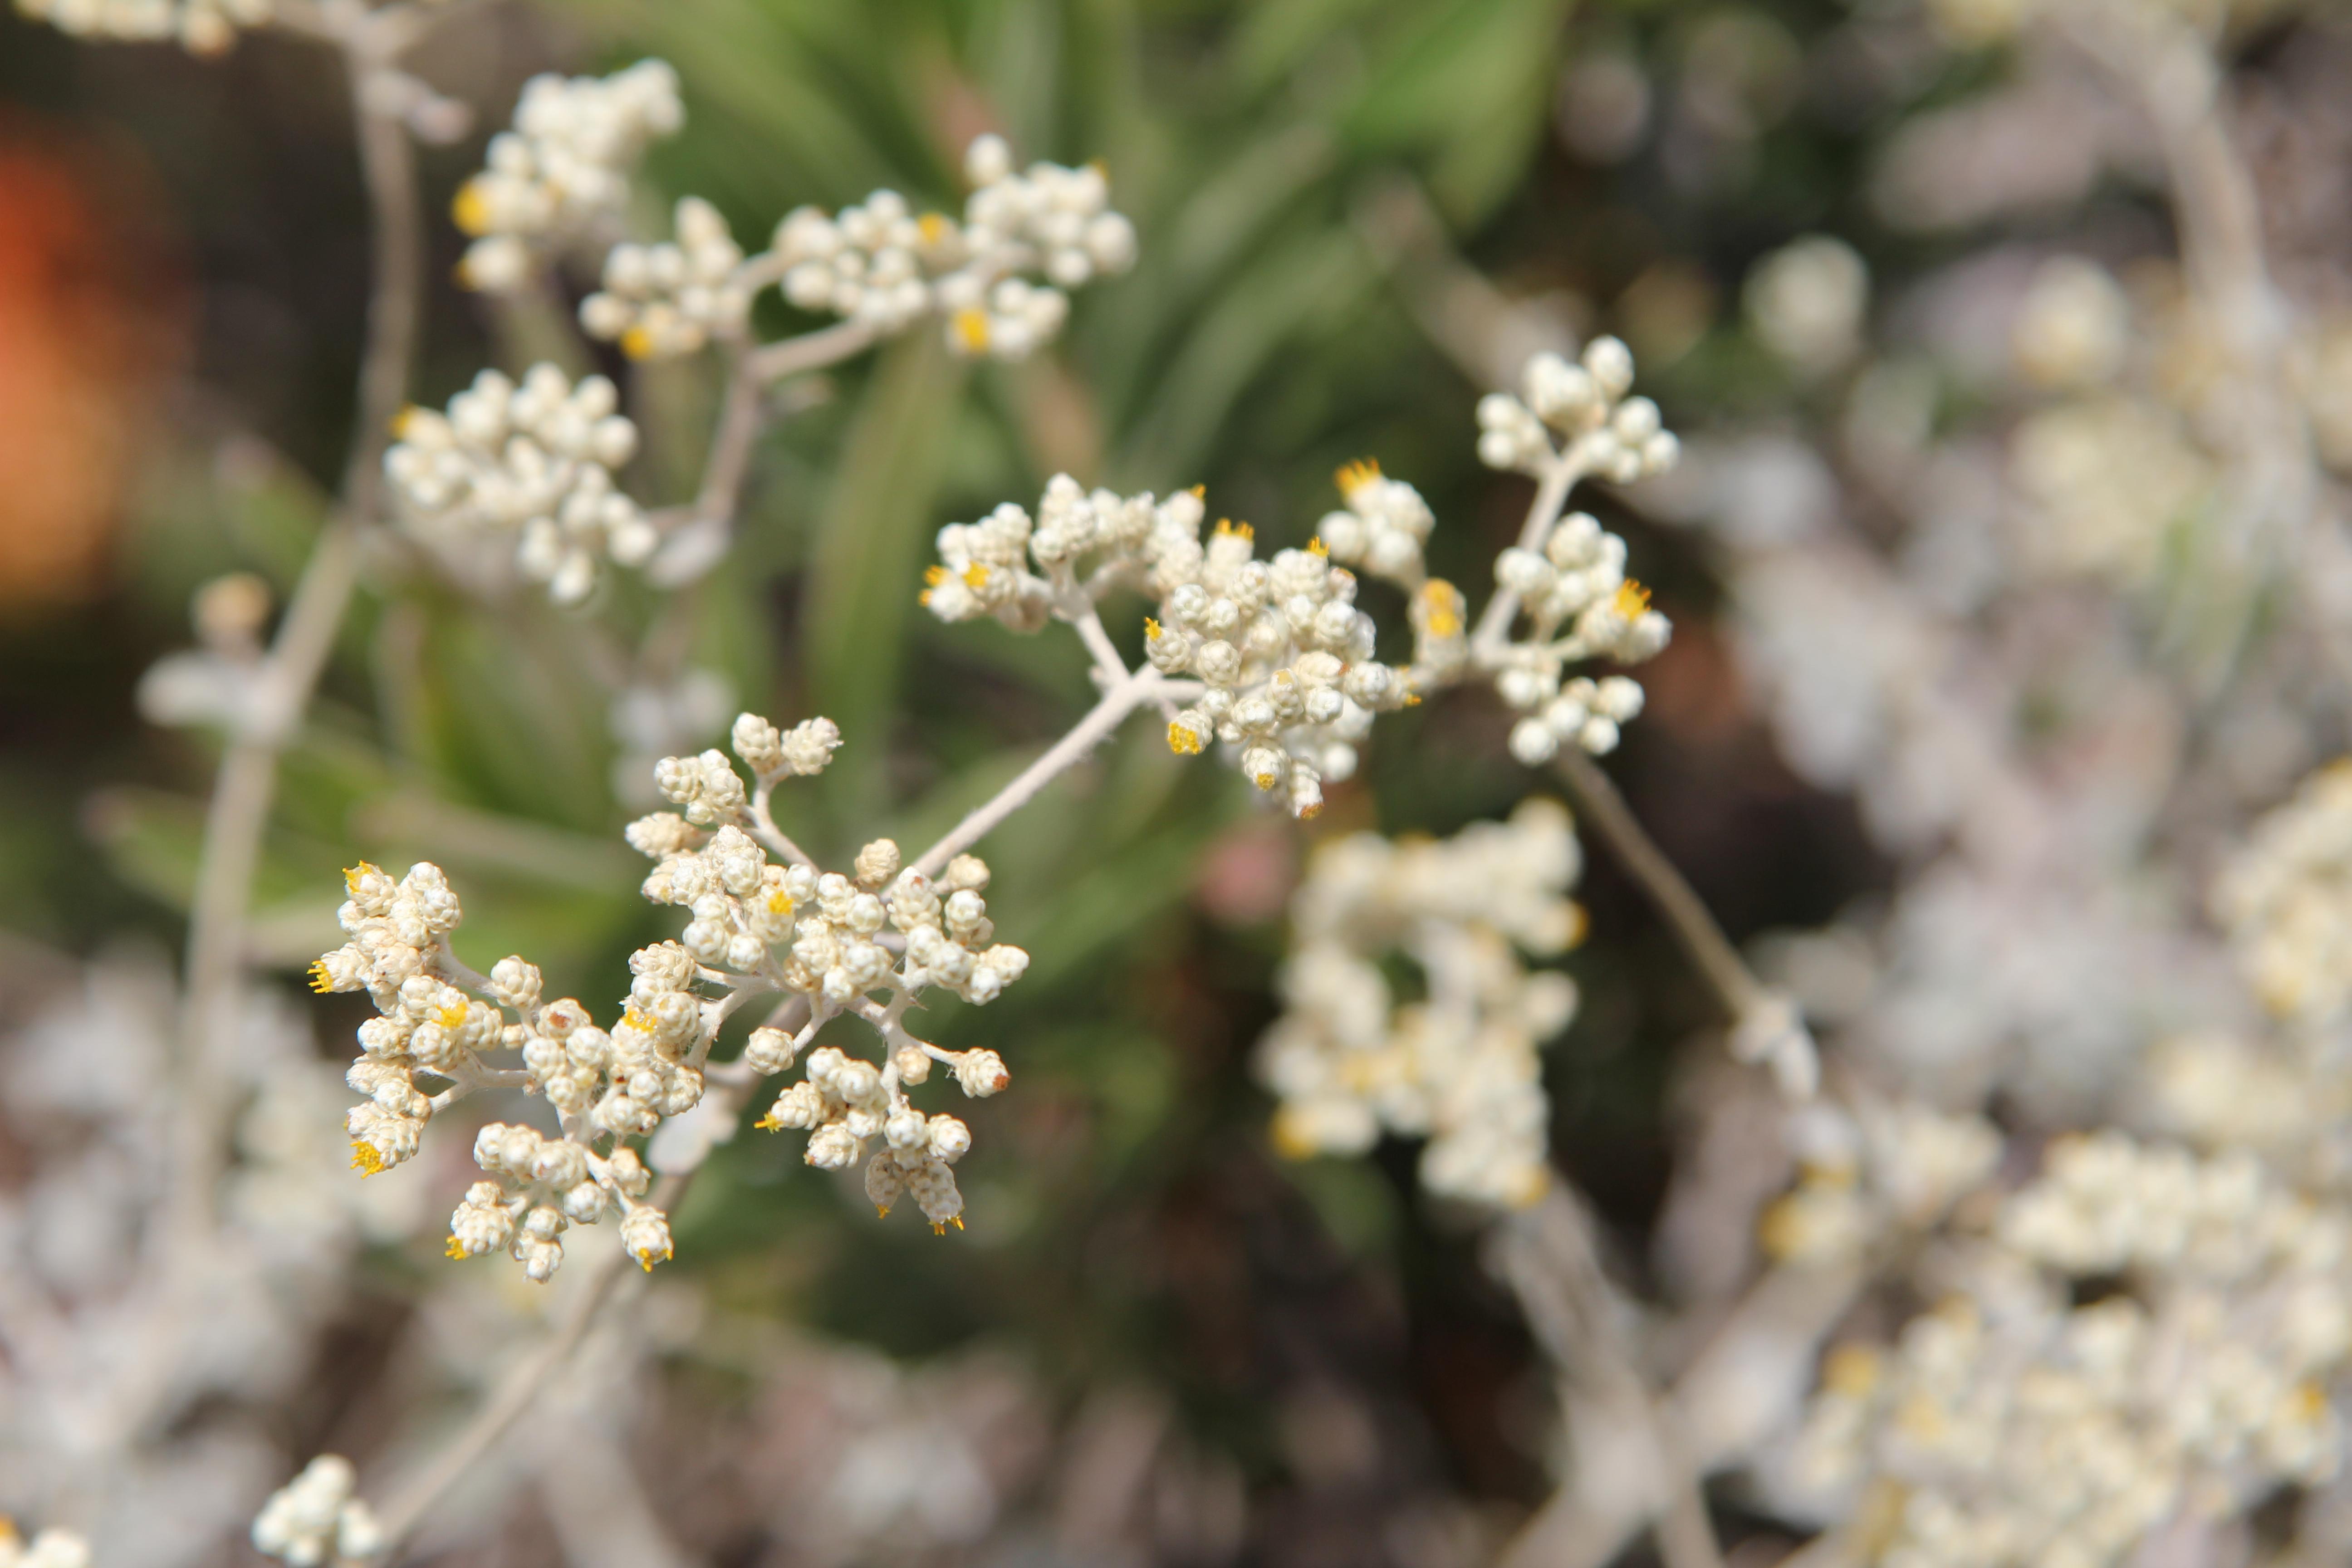 Local Fynbos wildflowers